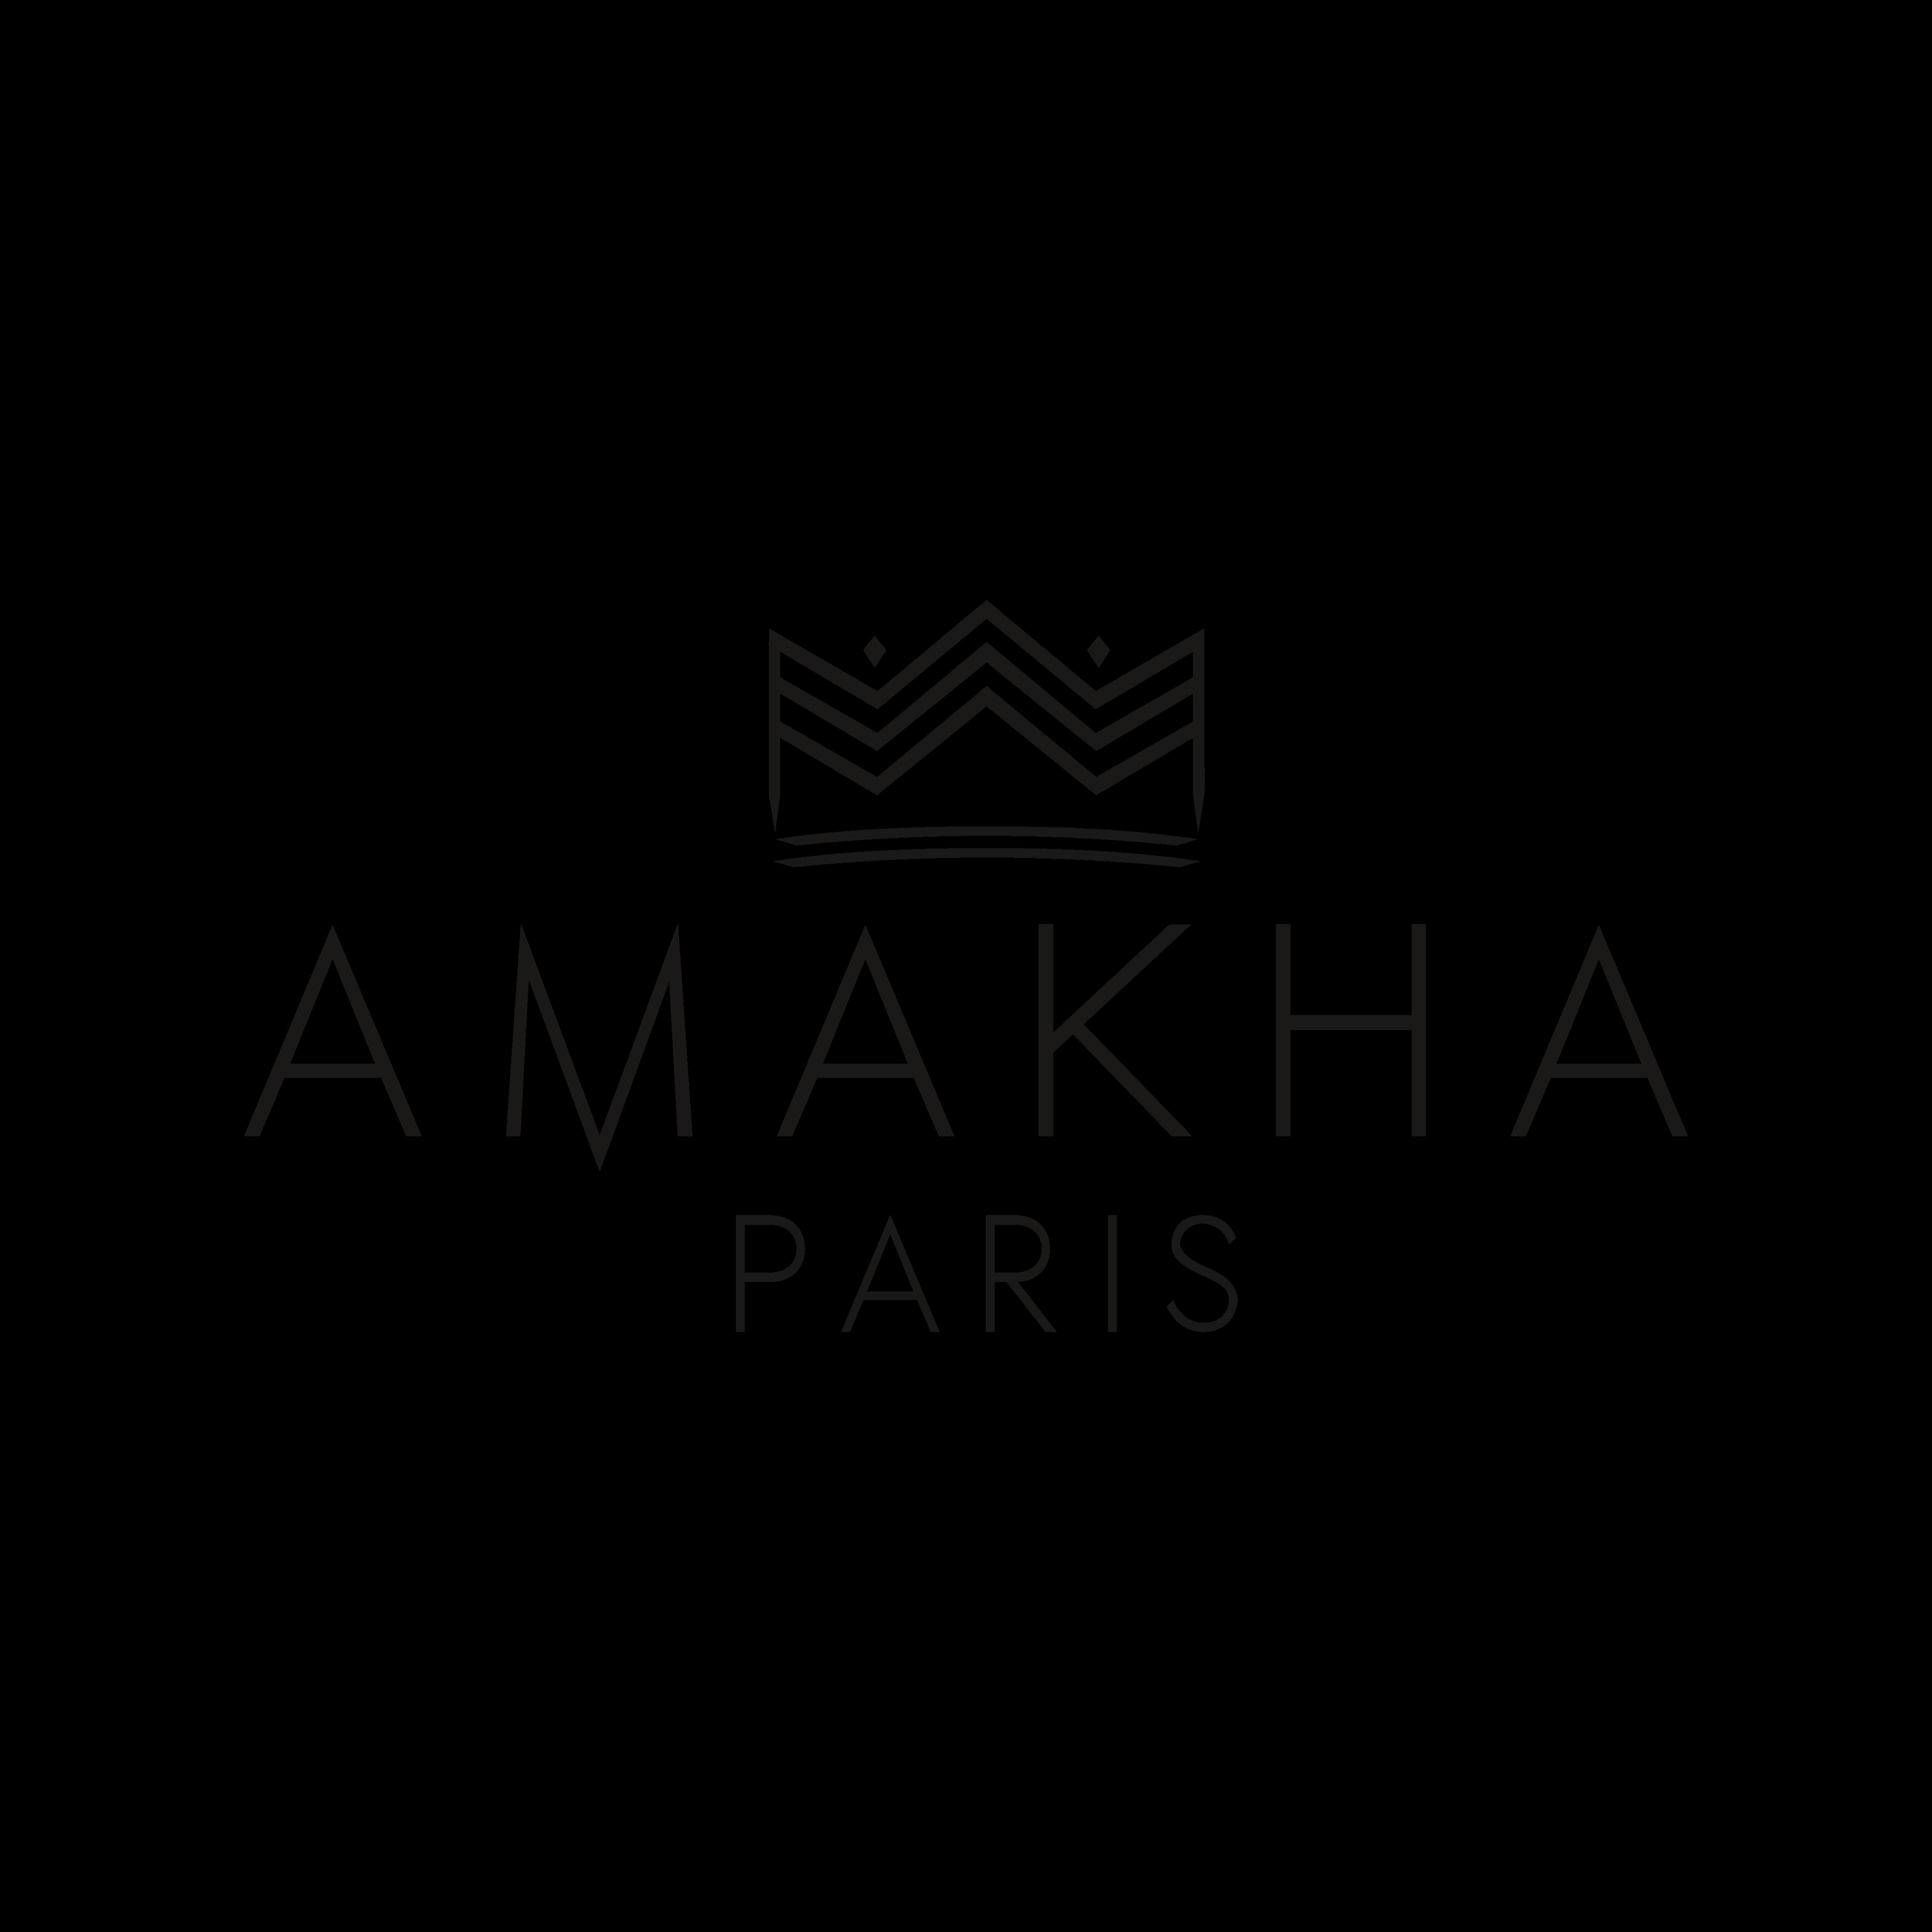 amakha paris logo 0 - Amakha Paris Logo